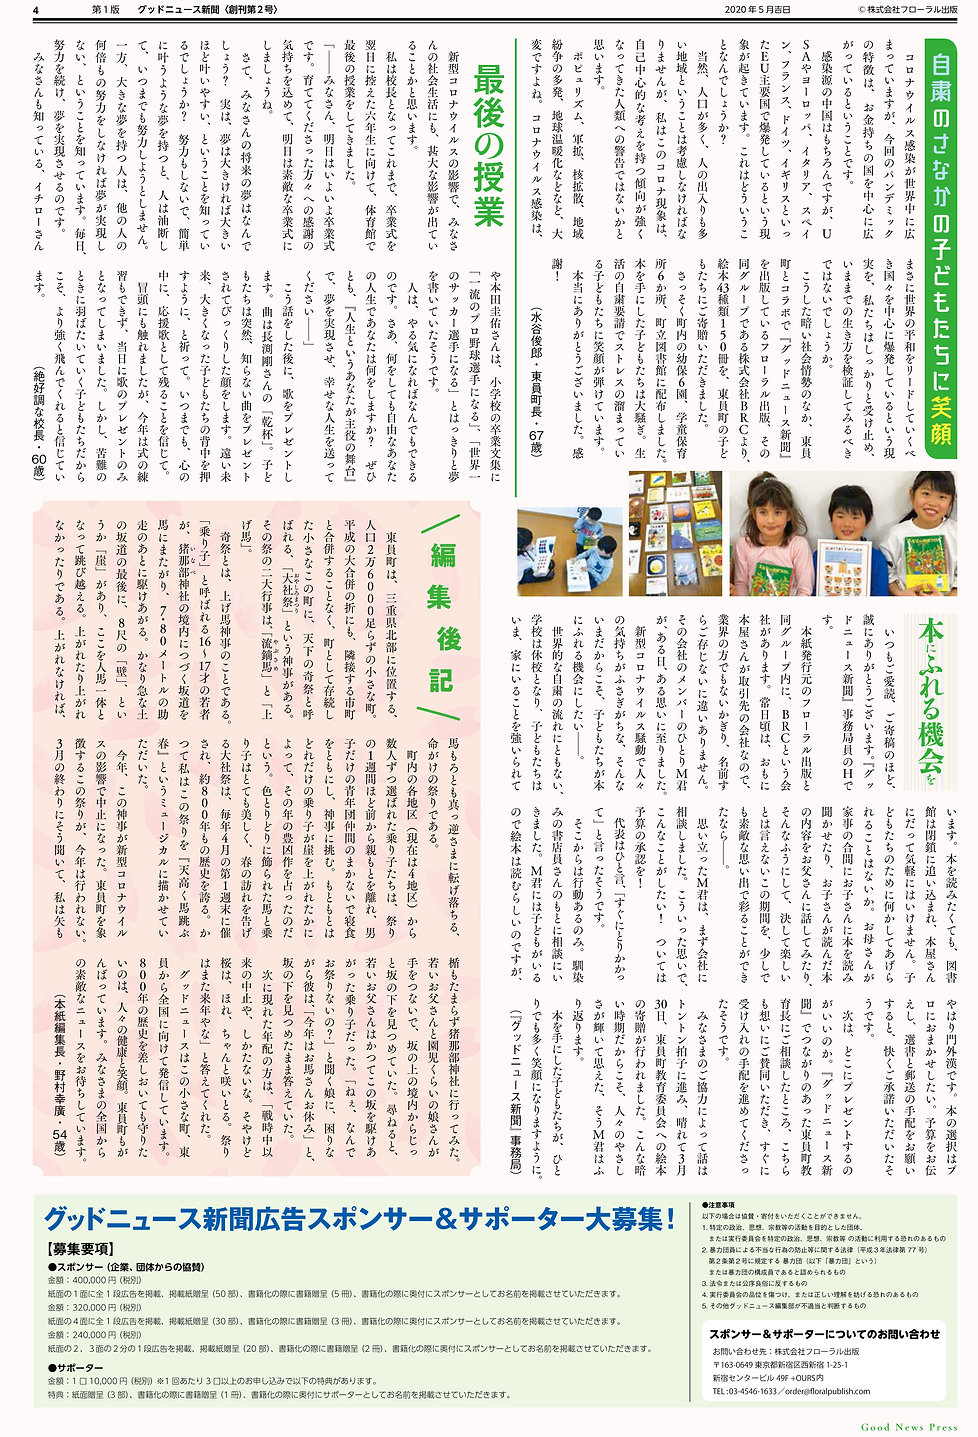 グッドニュース創刊02_4P.jpg